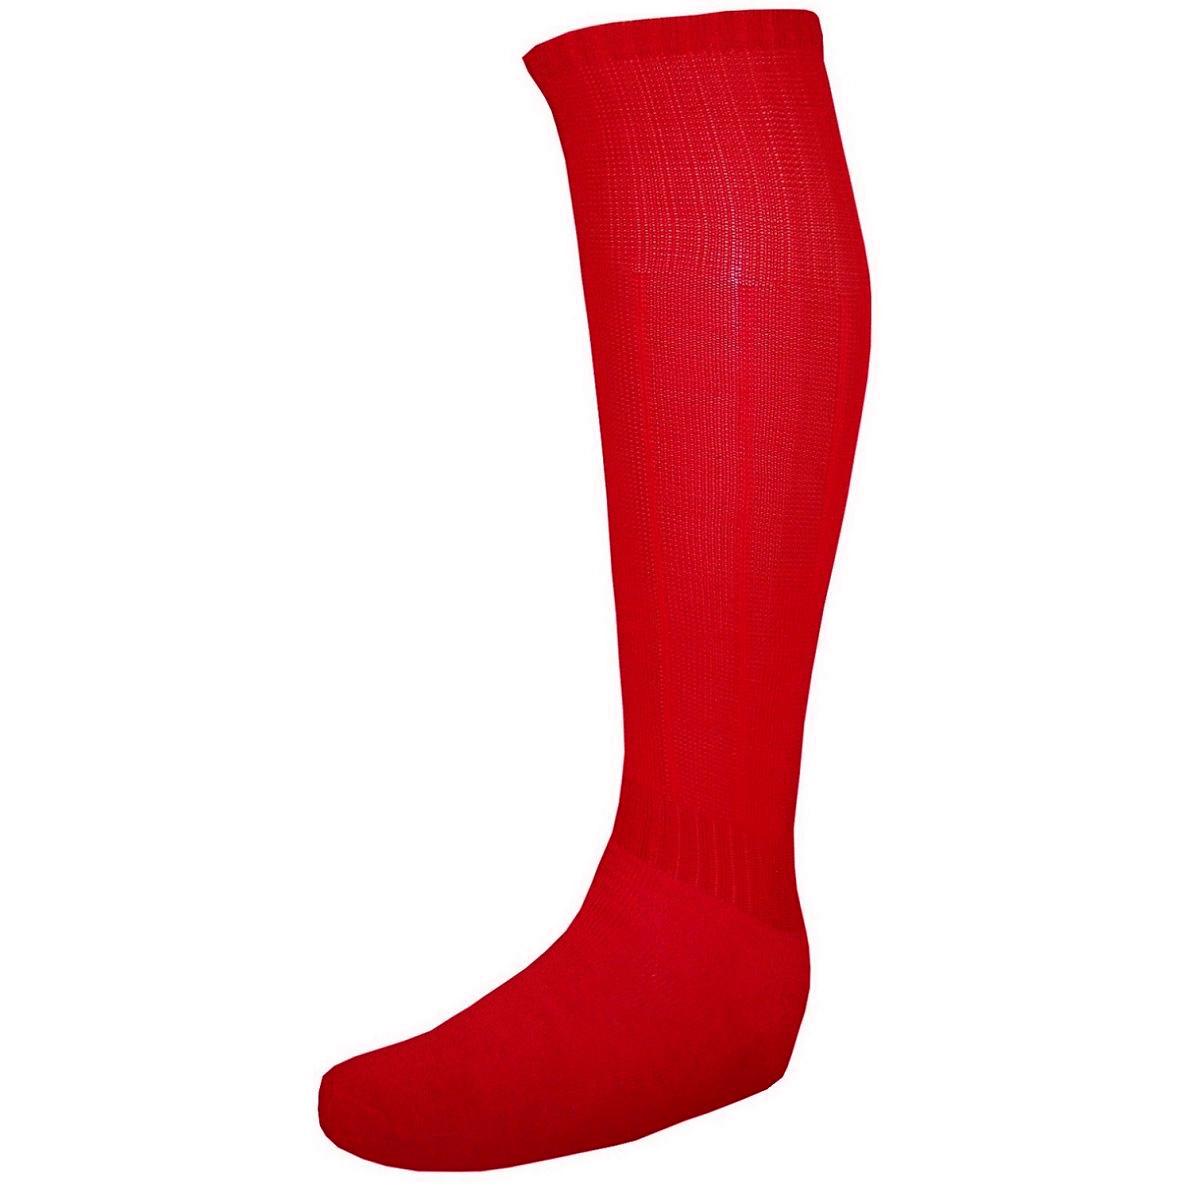 Uniforme Esportivo com 18 camisas modelo City Vermelho/Branco + 18 calções modelo Madrid Vermelho + 18 pares de meiões Vermelho